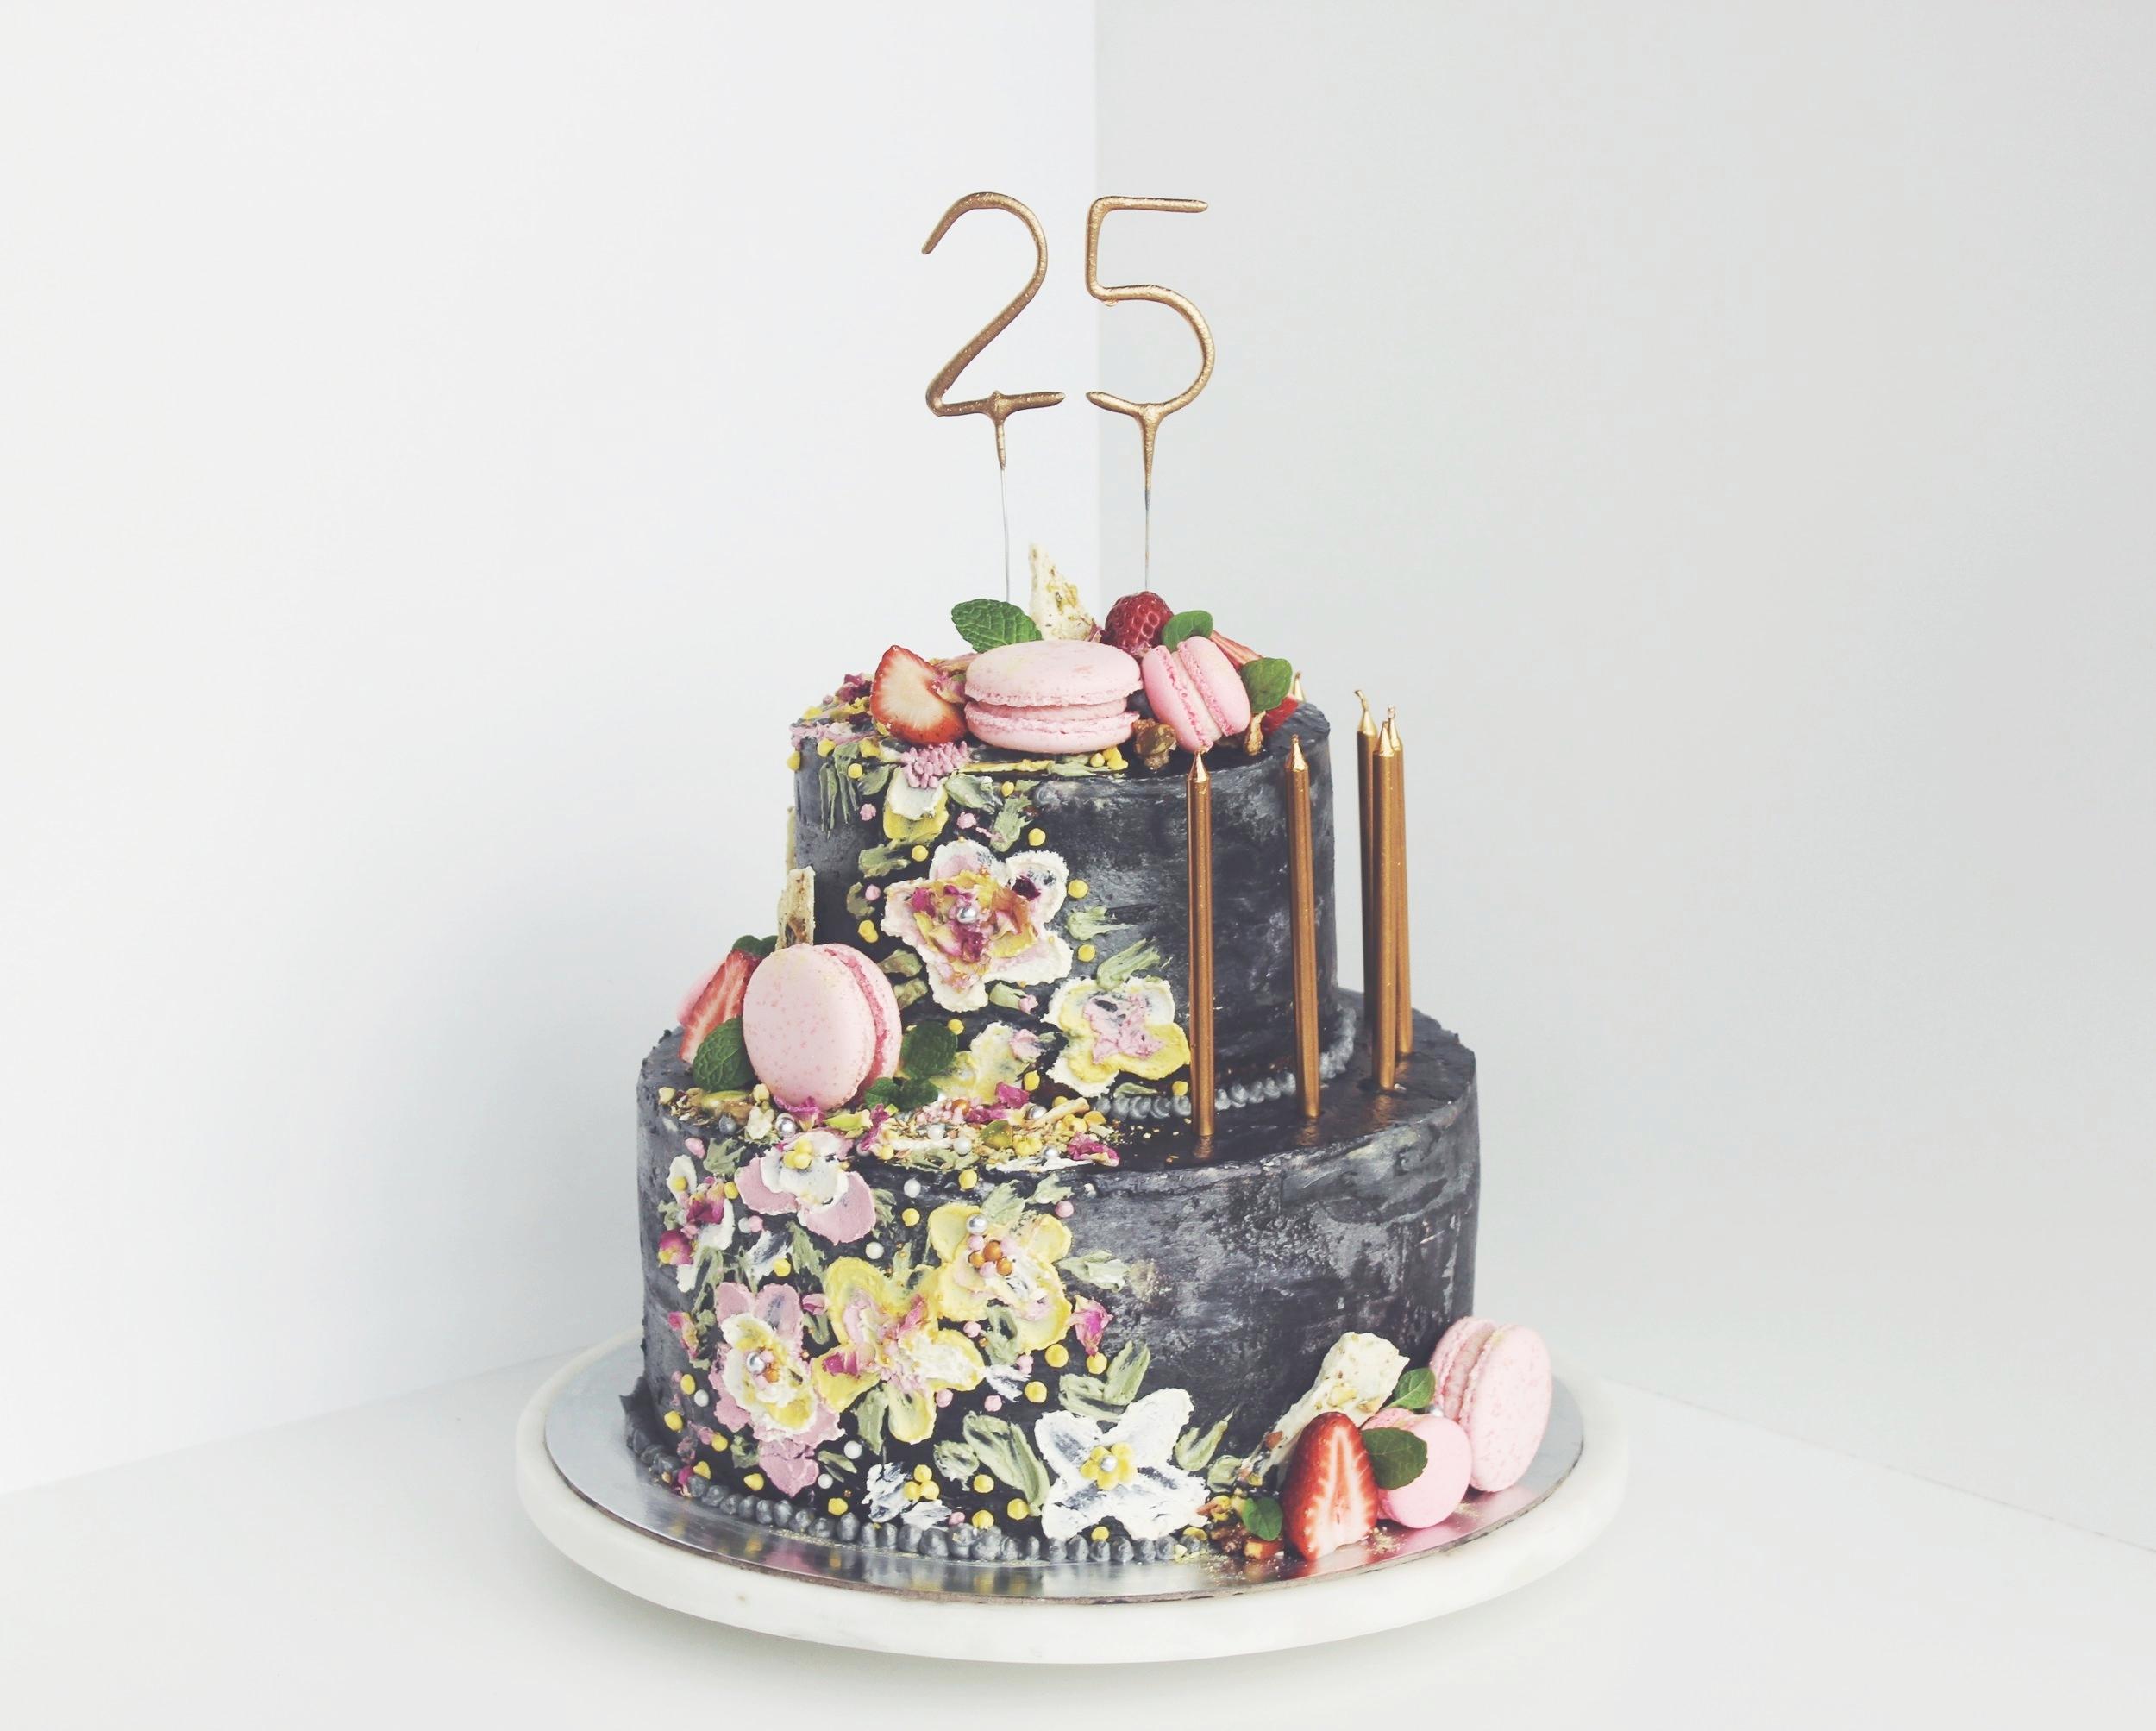 Raspberry and White Chocolate Cake w/ Vanilla Mascarpone